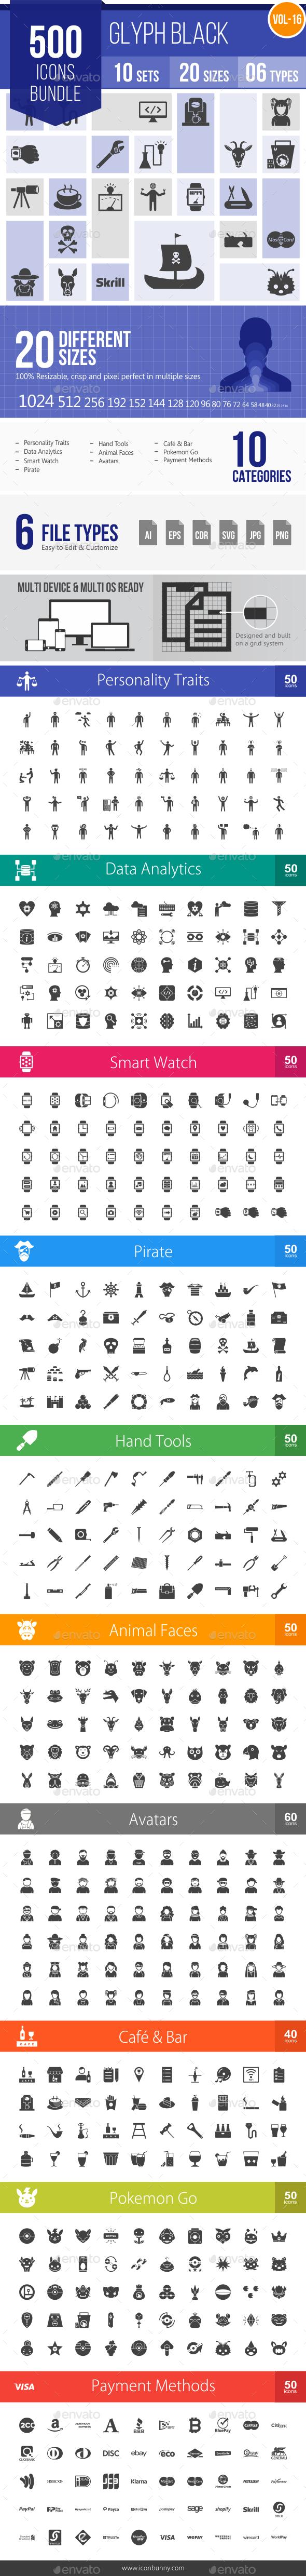 GraphicRiver 500 Vector Glyph Icons Bundle Vol-16 20286276